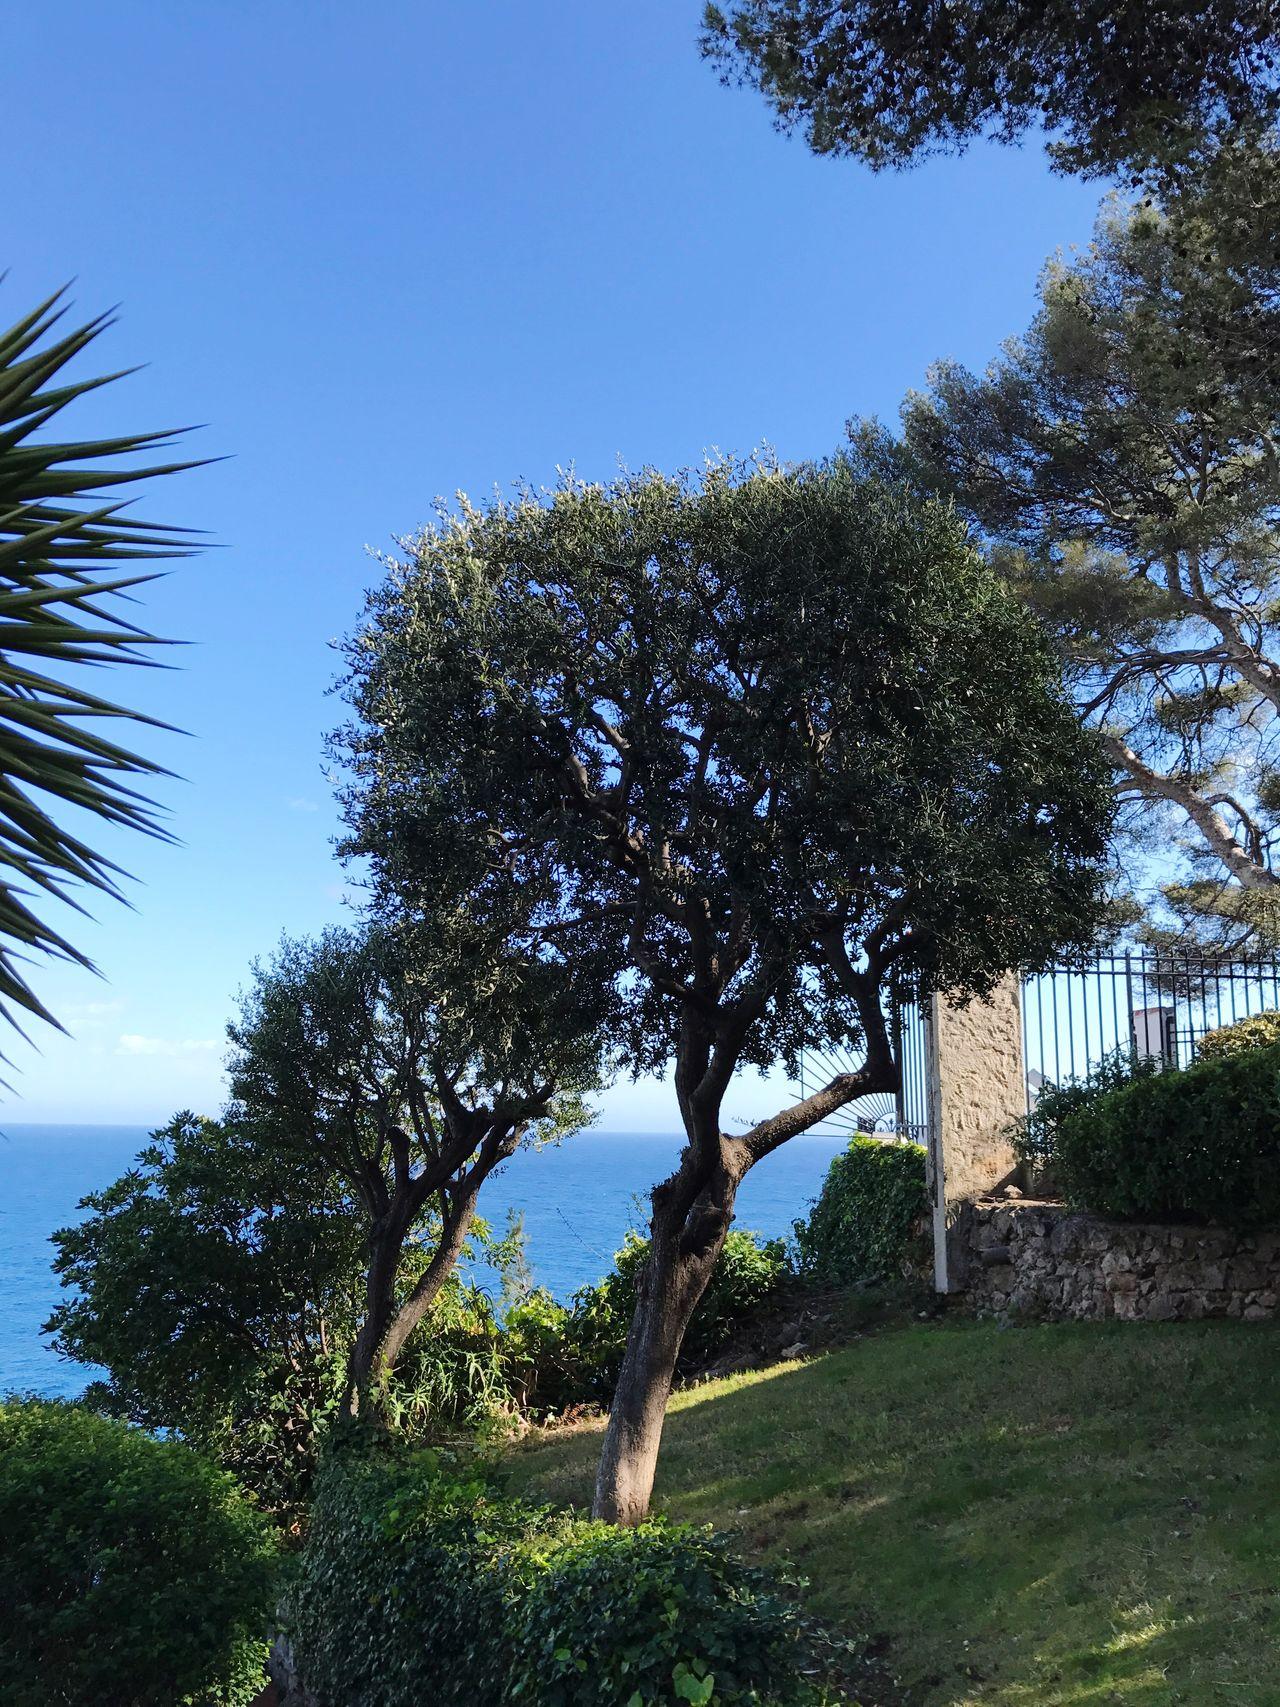 Tree Nature No People Day Beauty In Nature French Riviera Monte Carlo Monaco Monaco